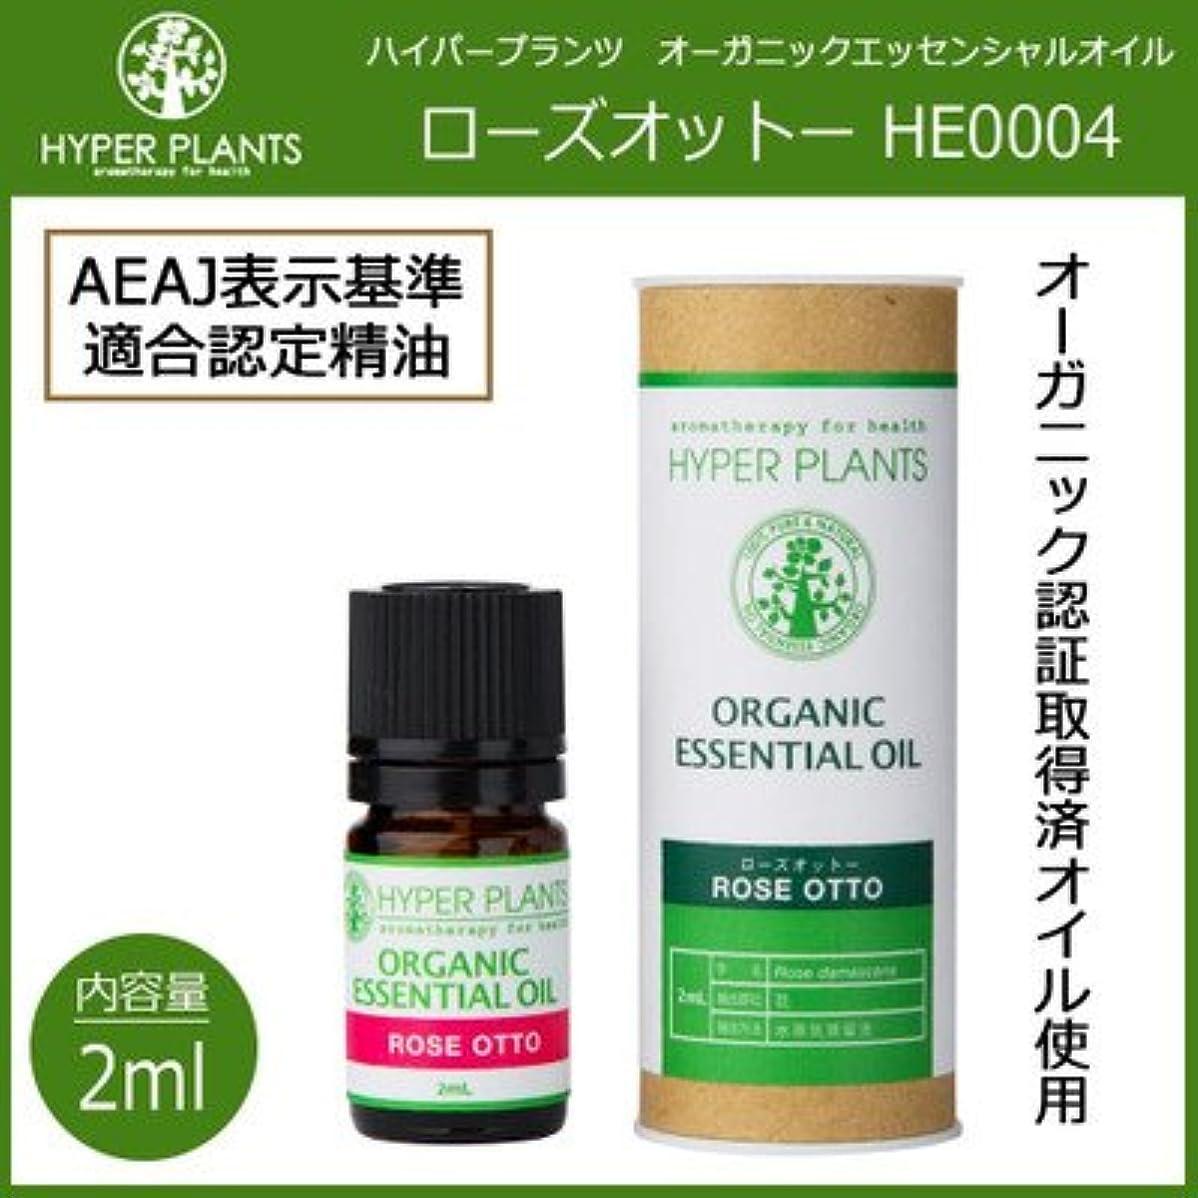 十一文献見つけた毎日の生活にアロマの香りを HYPER PLANTS ハイパープランツ オーガニックエッセンシャルオイル ローズオットー 2ml HE0004